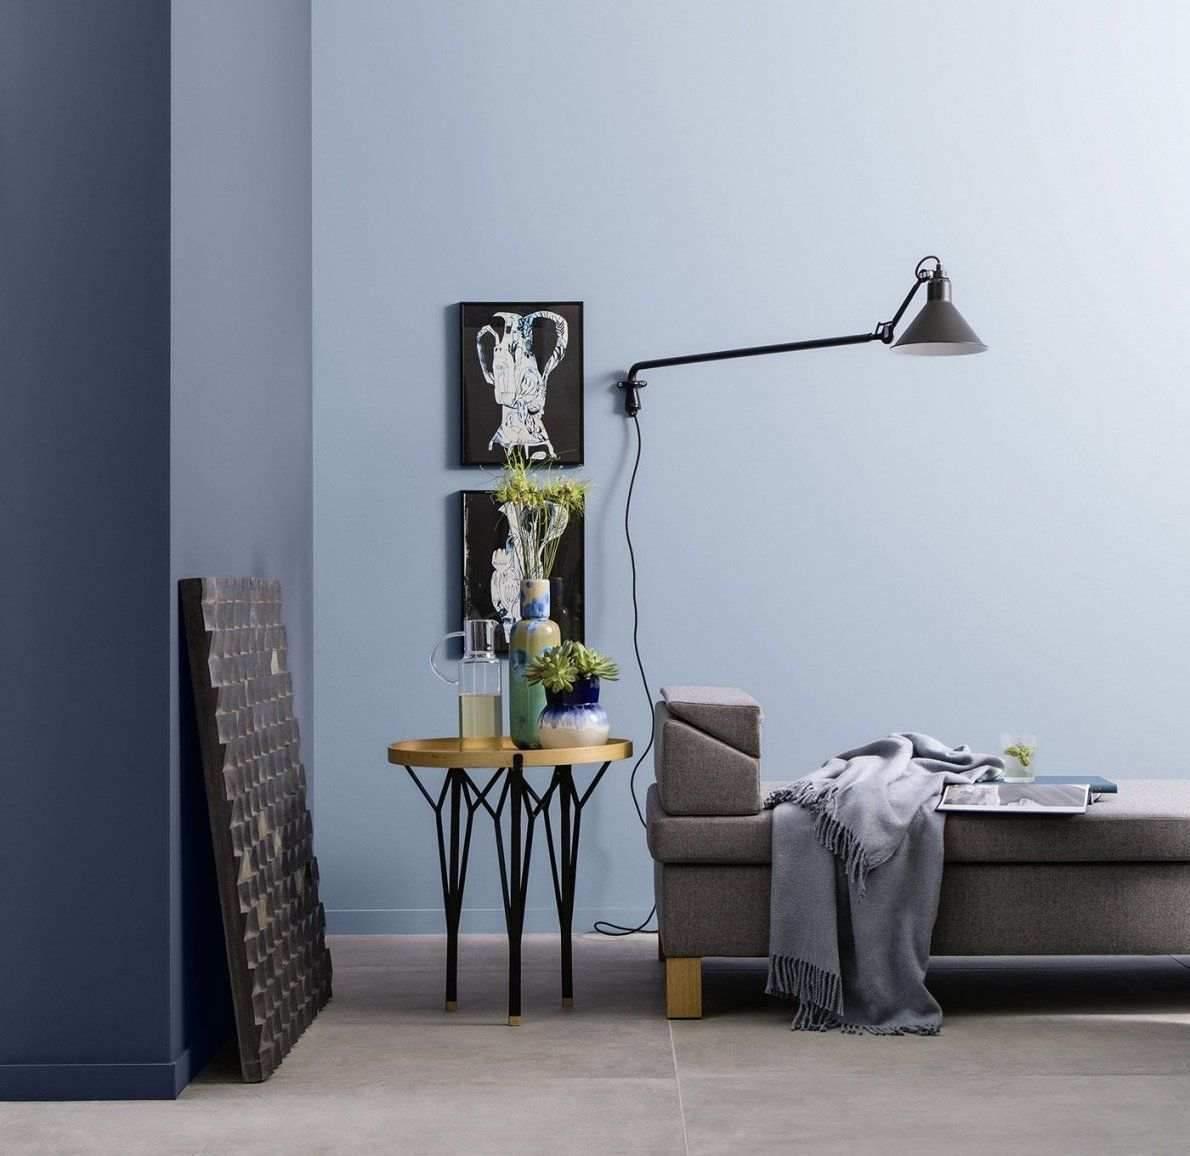 tapeten schlafzimmer schoner wohnen frisch schoner wohnen lampen of tapeten schlafzimmer schoner wohnen 1